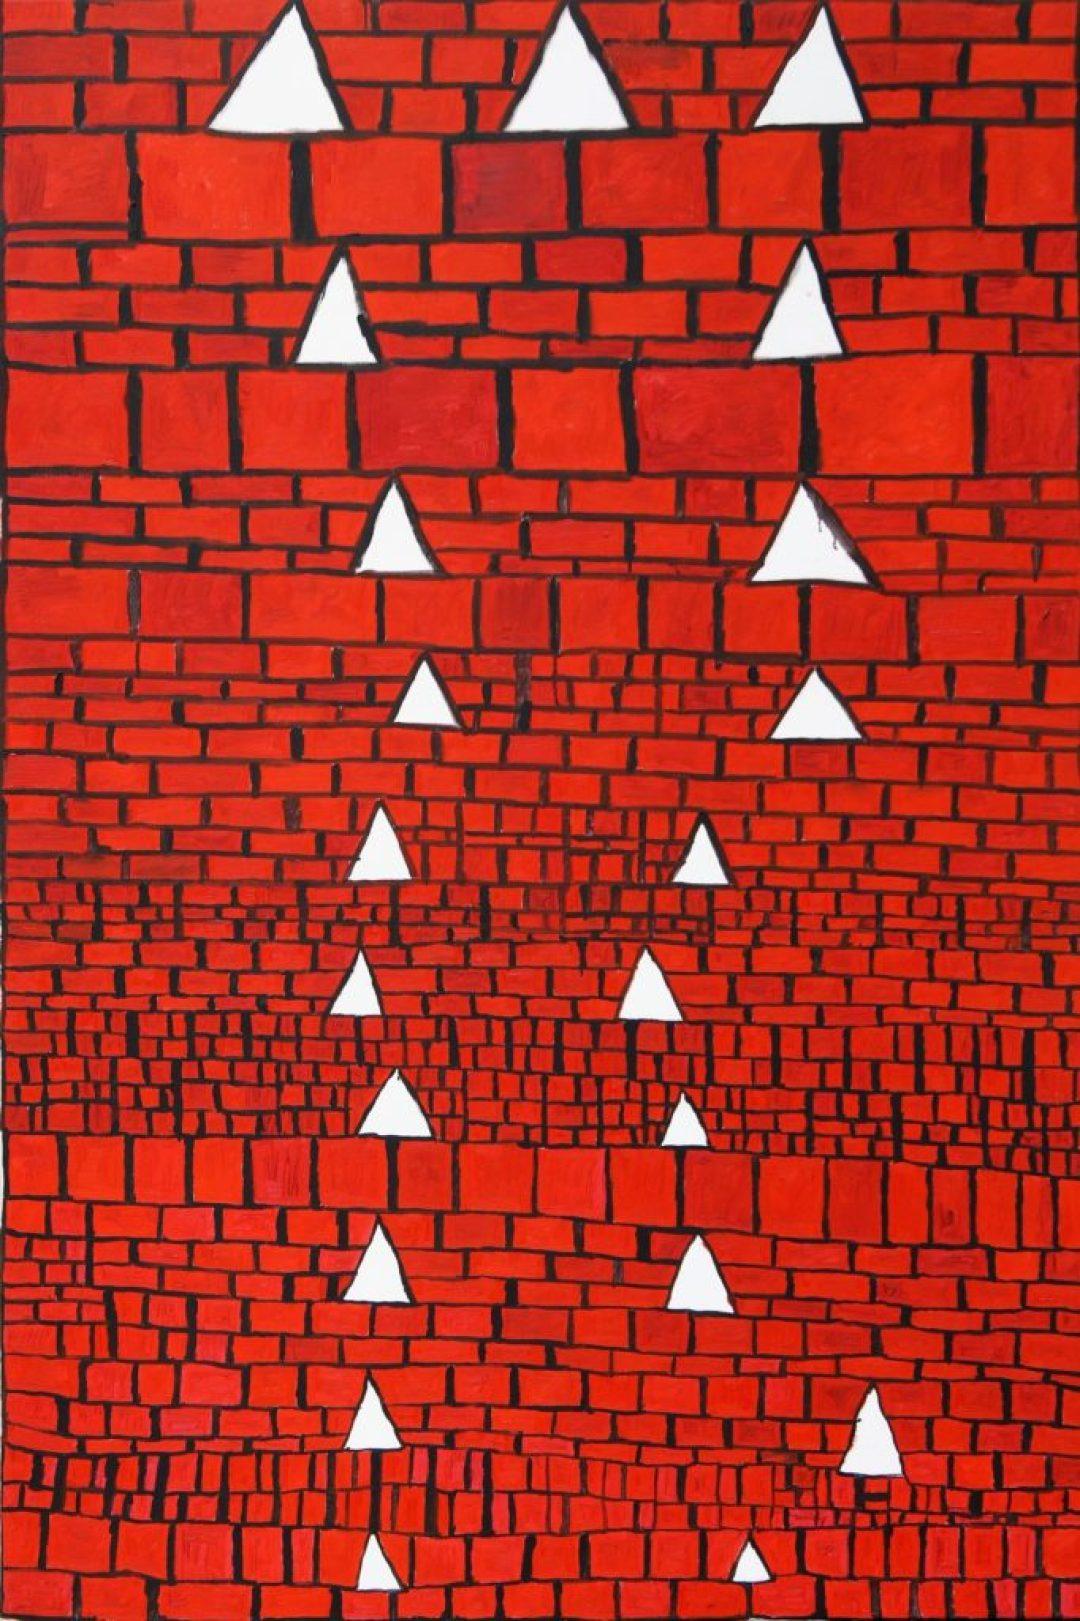 Louis Van Baelens, sans titre, 2005, peinture à l'huile sur toile, 150 x 100cm